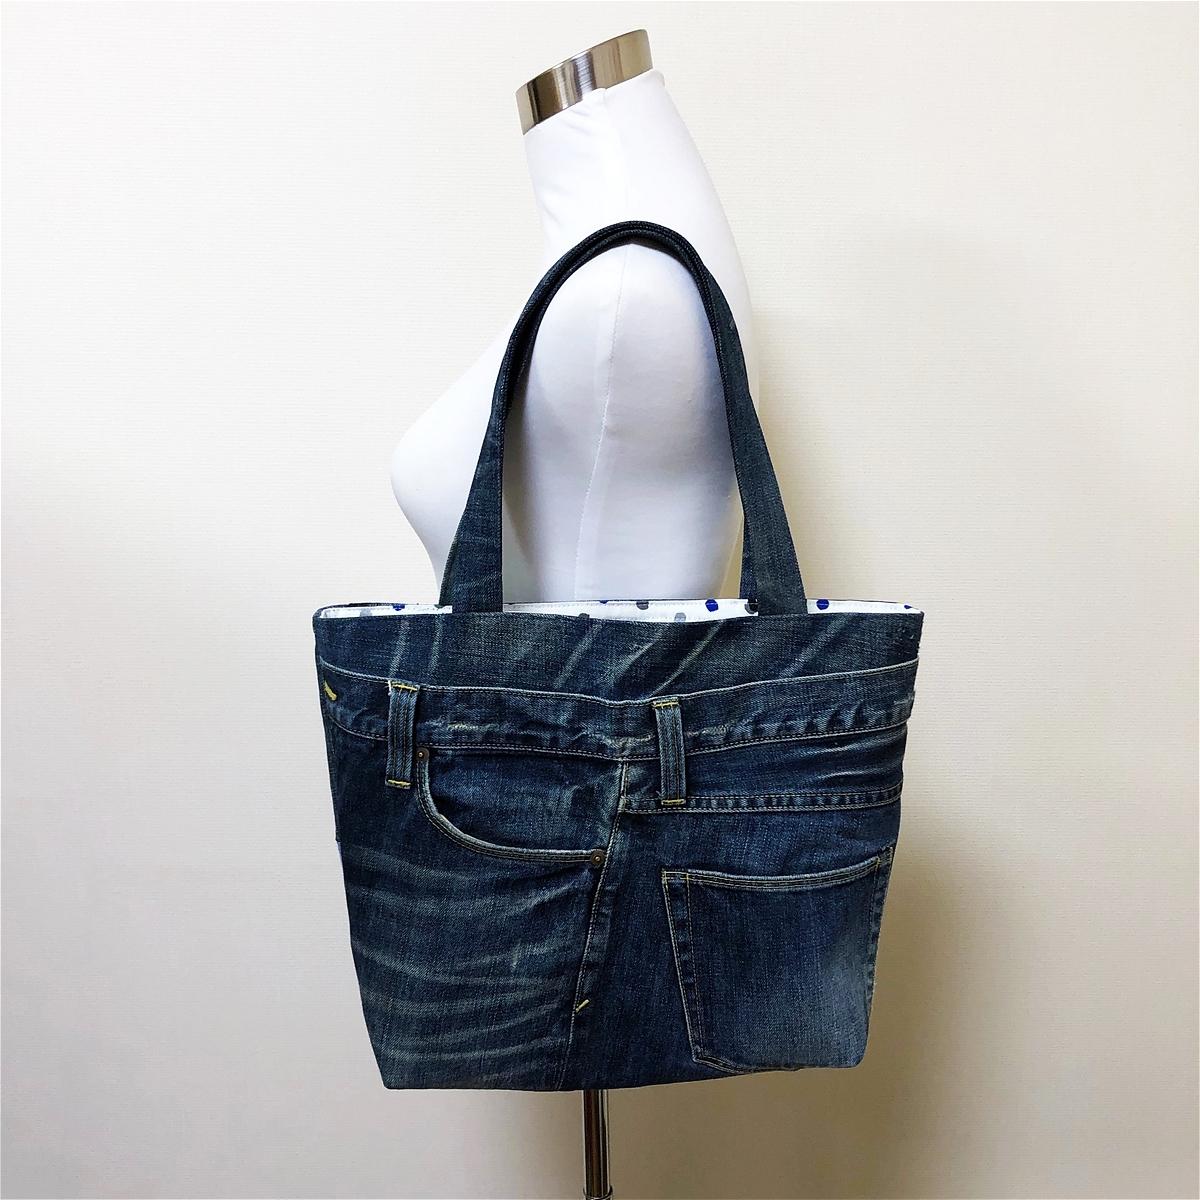 トートバッグ リメイクデニム 芯ありタイプ 外側ポケット使用可能 内布あり 内ポケット有り ジーンズリメイク